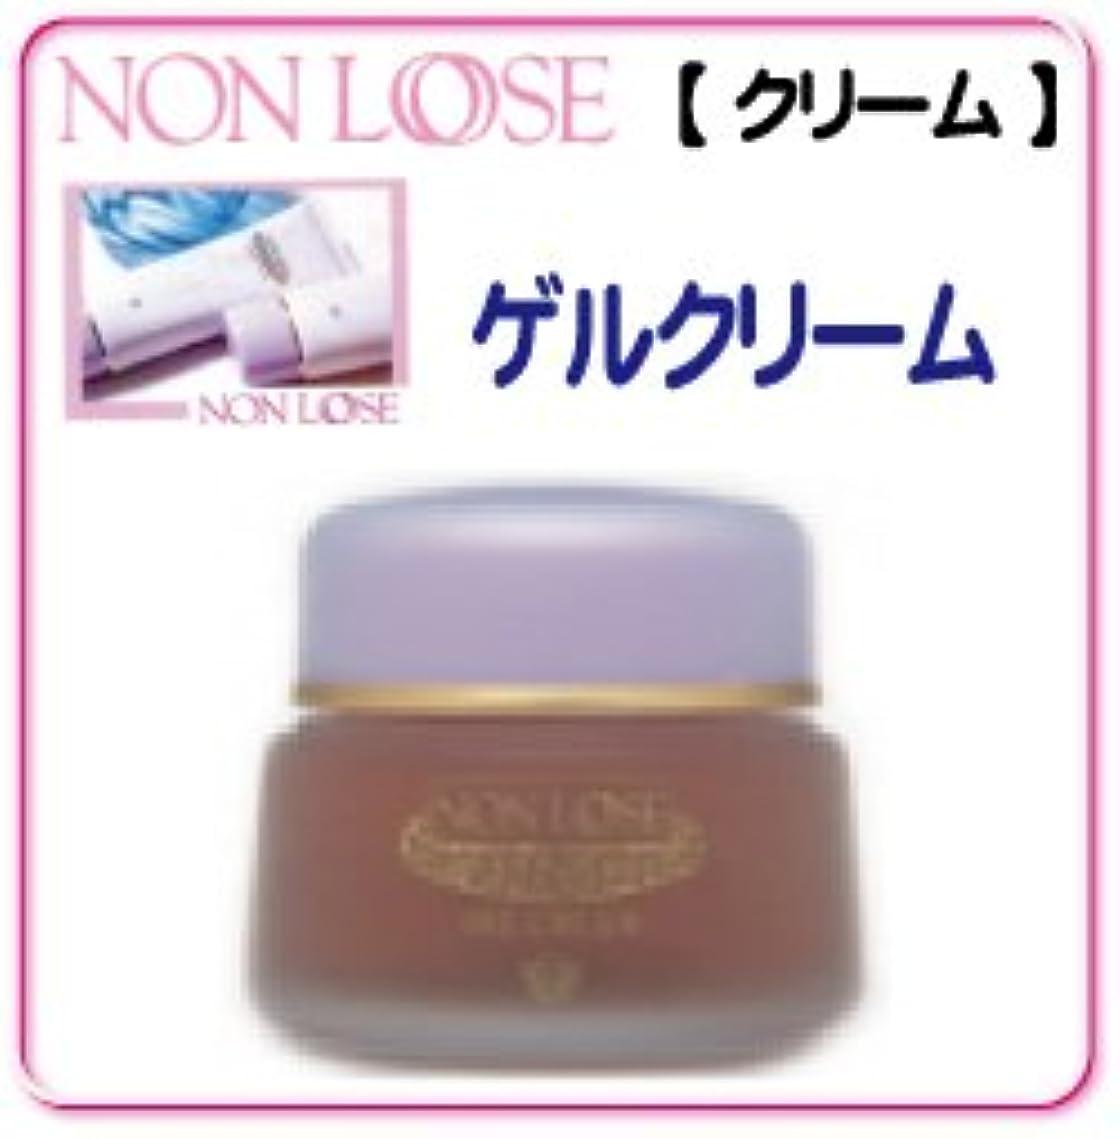 シプリーサージ最大限ベルマン化粧品:ゲルクリーム(38g)